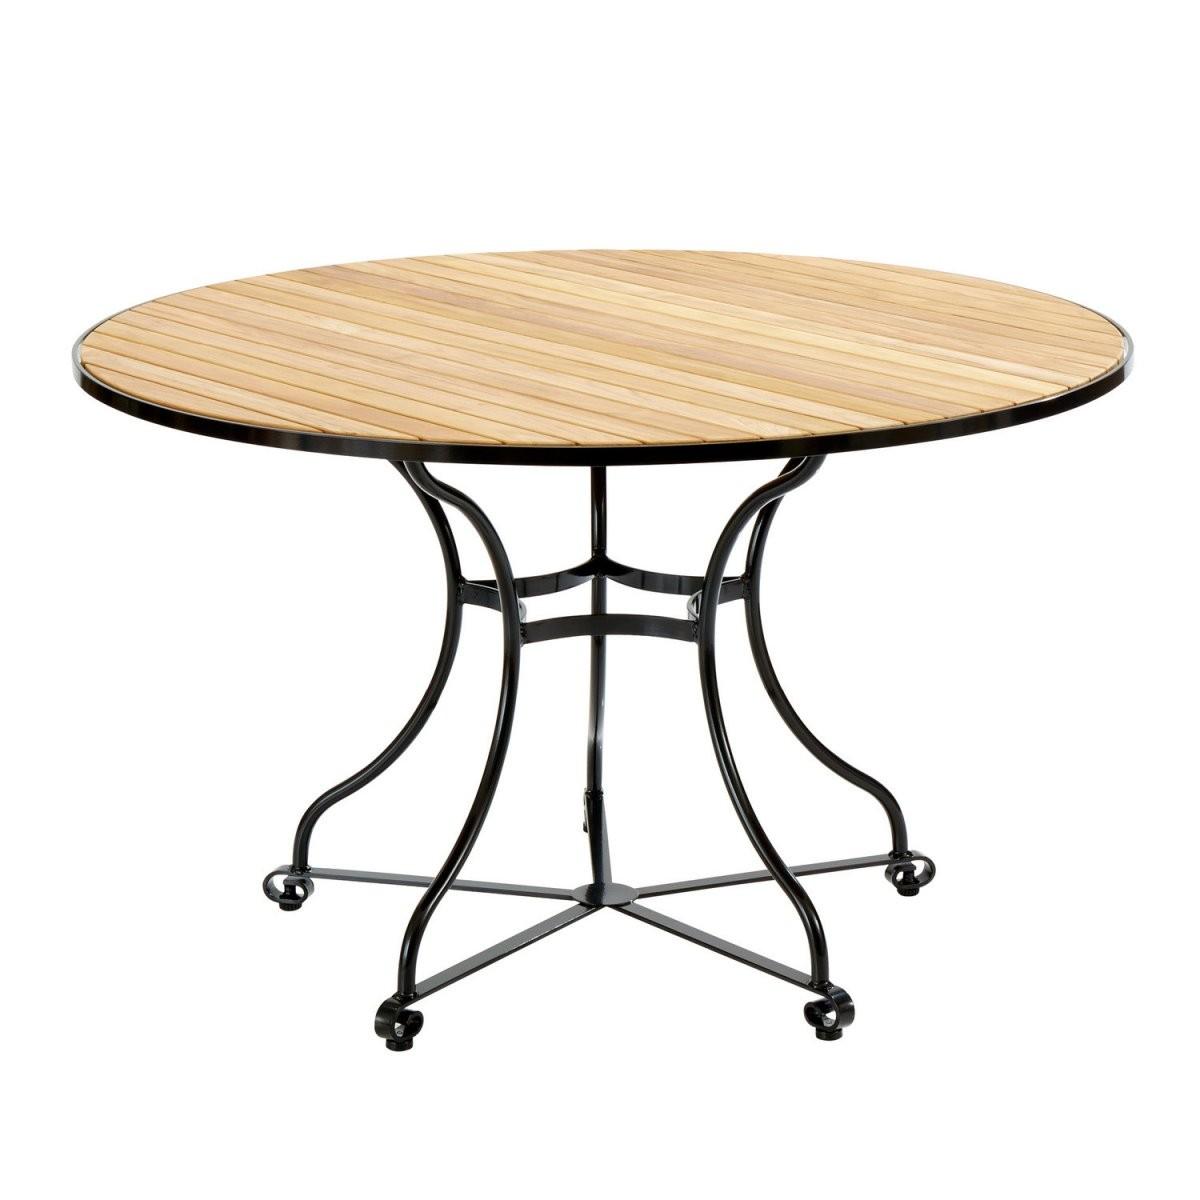 Gartentisch Rund 120 Cm Durchmesser Design von Gartentisch Holz Rund 120 Photo